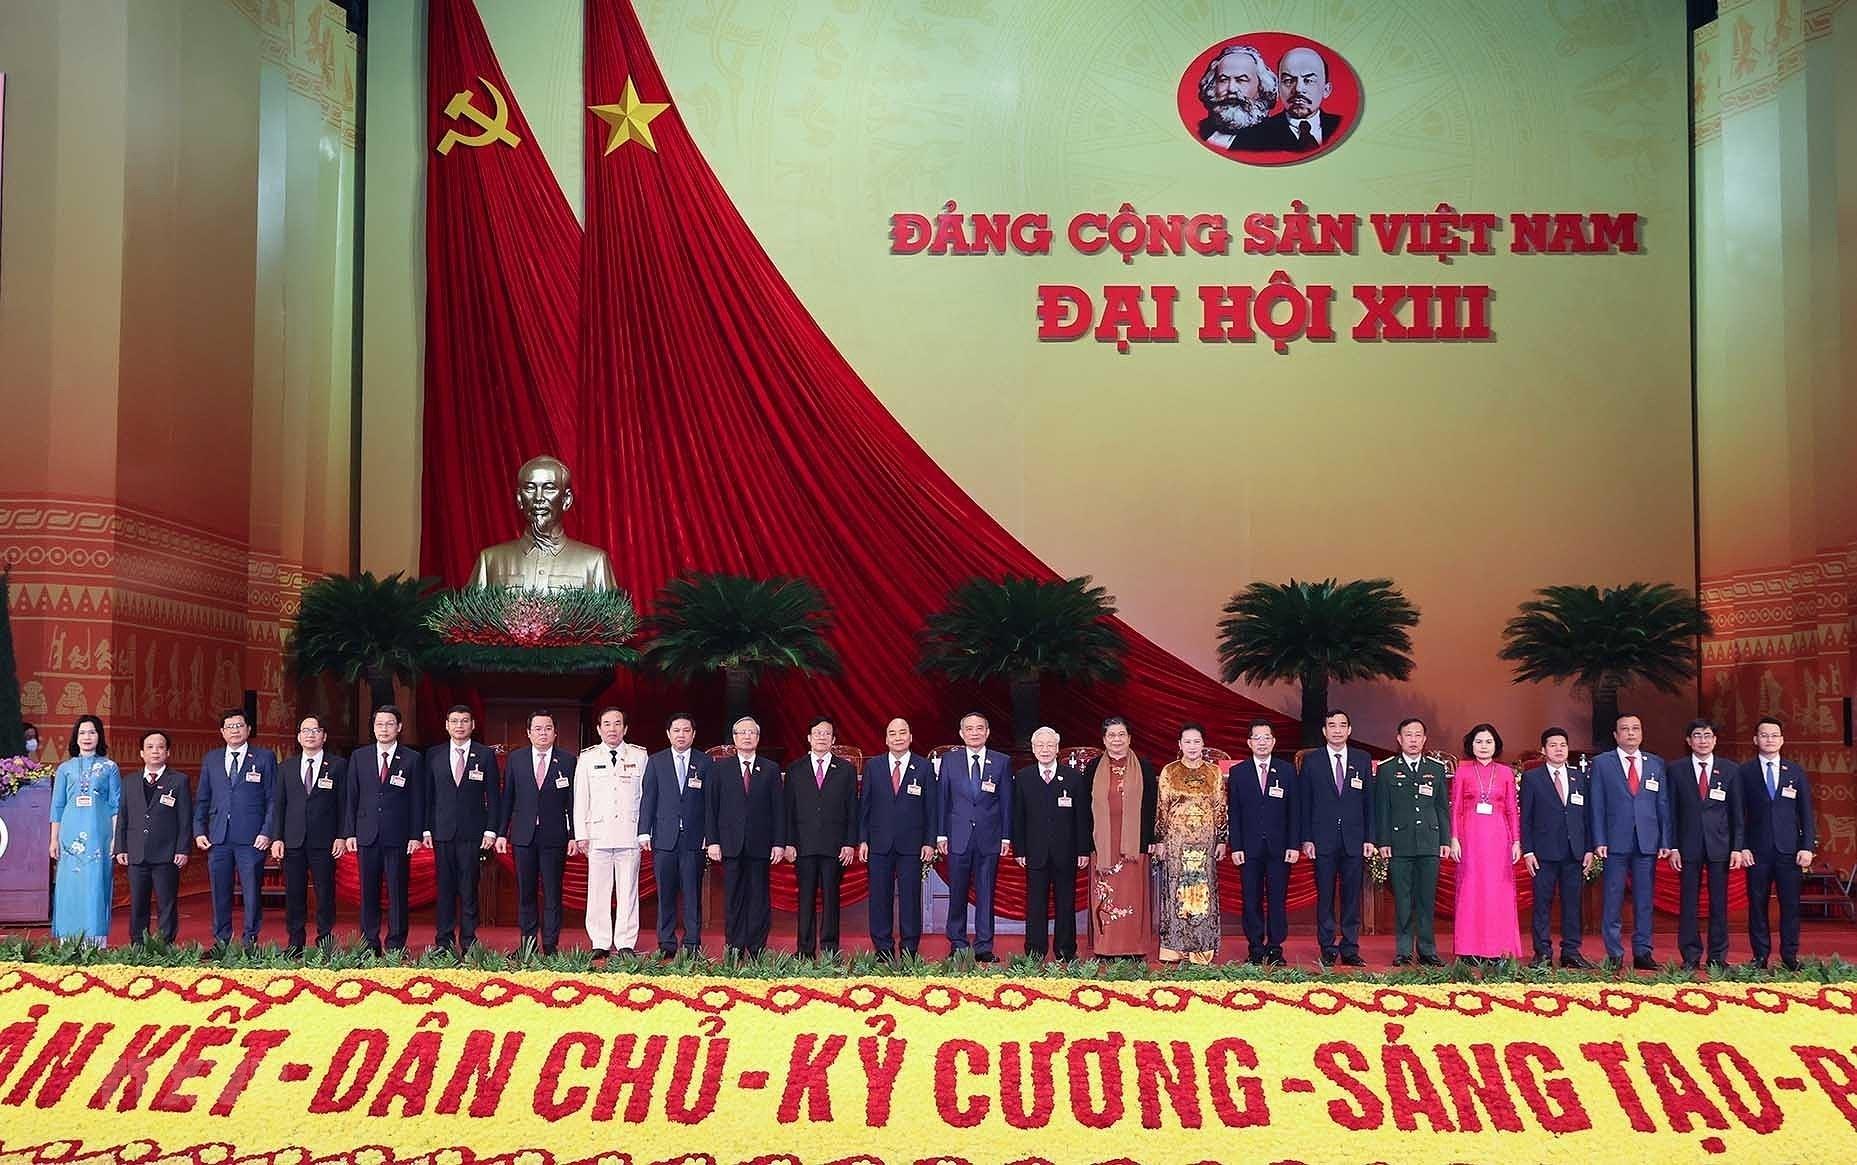 [Photo] Ngay lam viec thu nam Dai hoi lan thu XIII cua Dang hinh anh 15